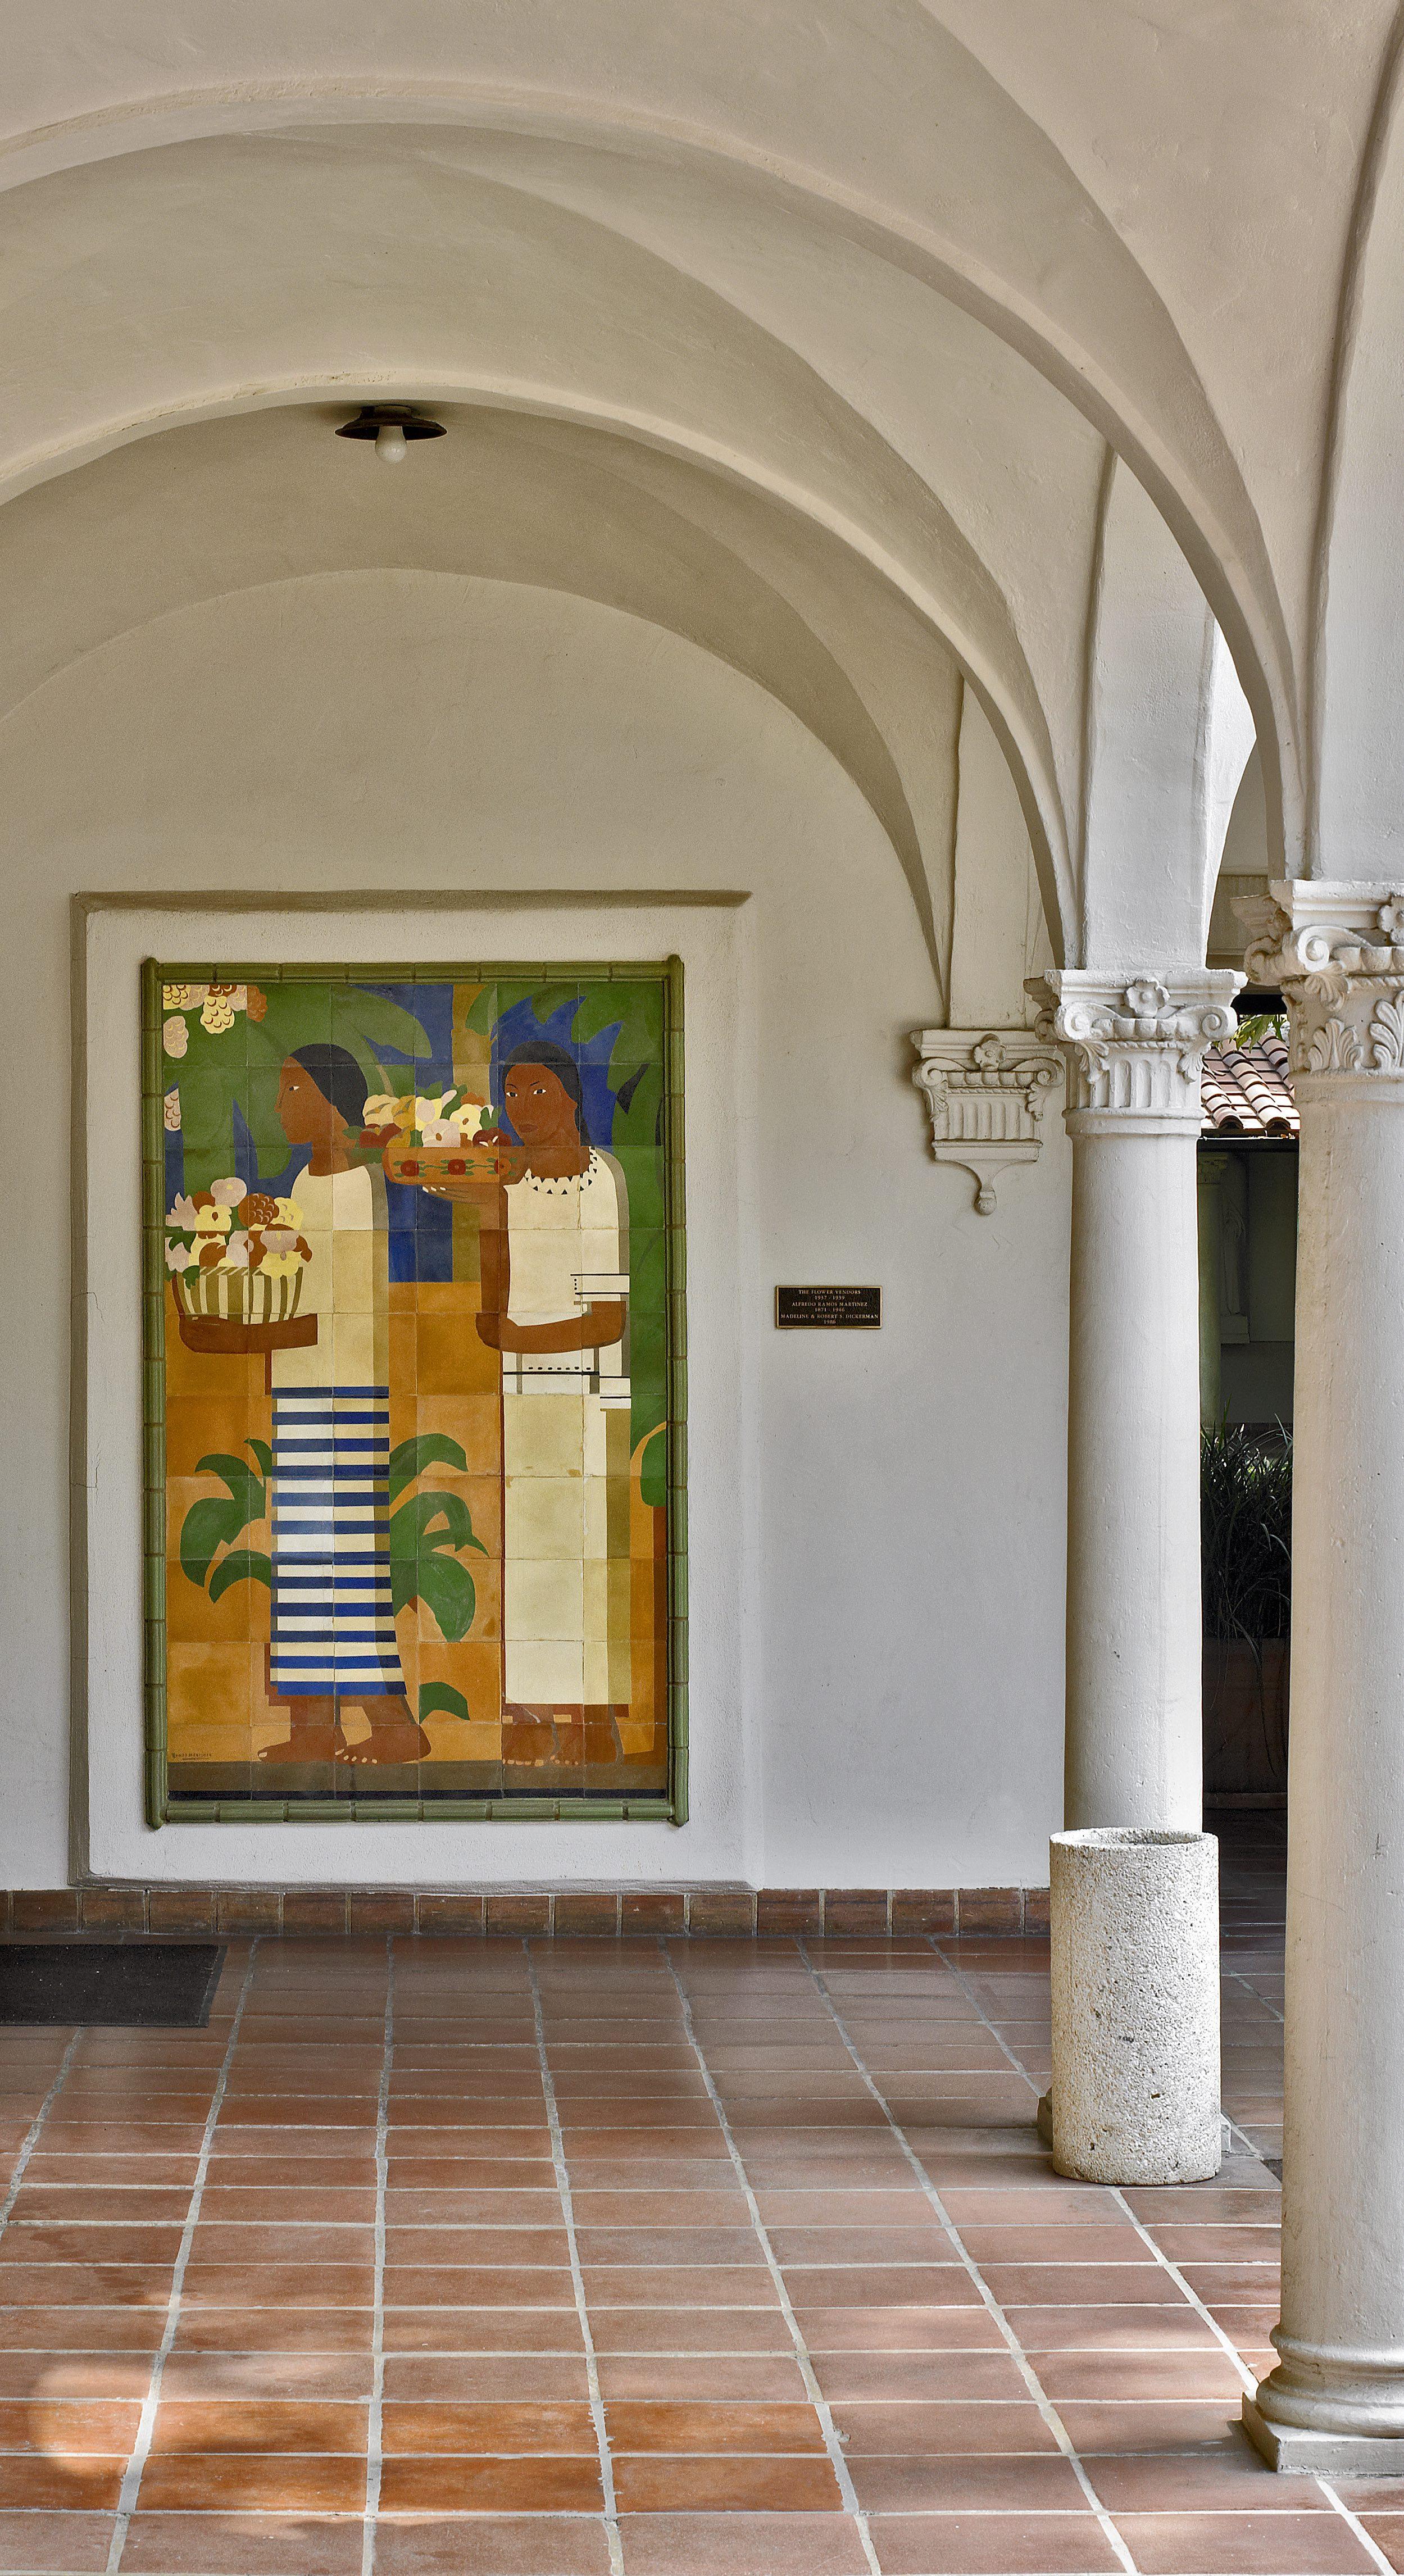 Vendoras de Flores / Flower Vendors  ca. 1937 ceramic tile on stucco / azulejo cerámica sobre cemento 78 x 47.25 inches; 98.1 x 120 centímetros Scripps College